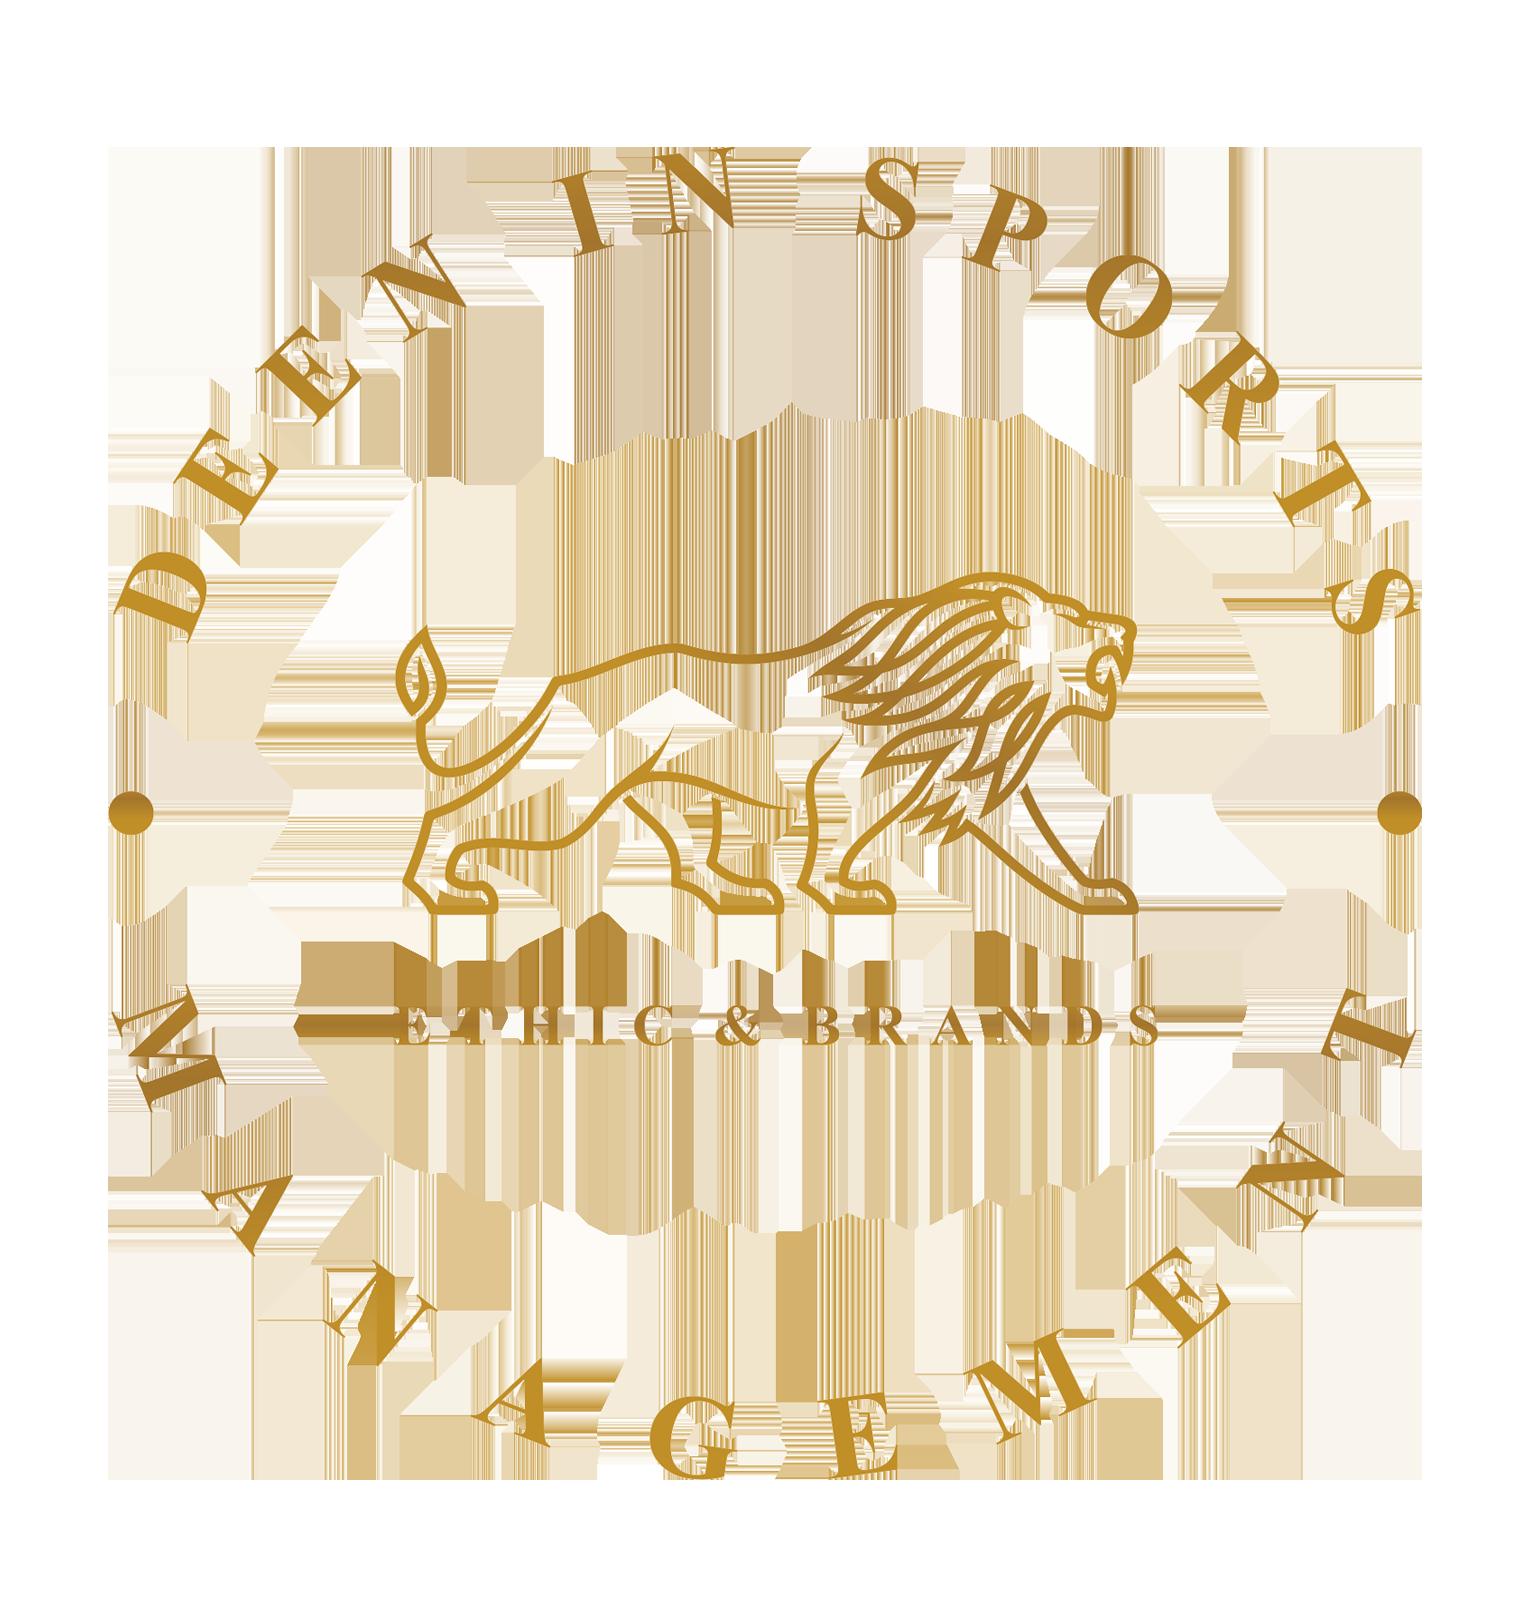 Deeninsports